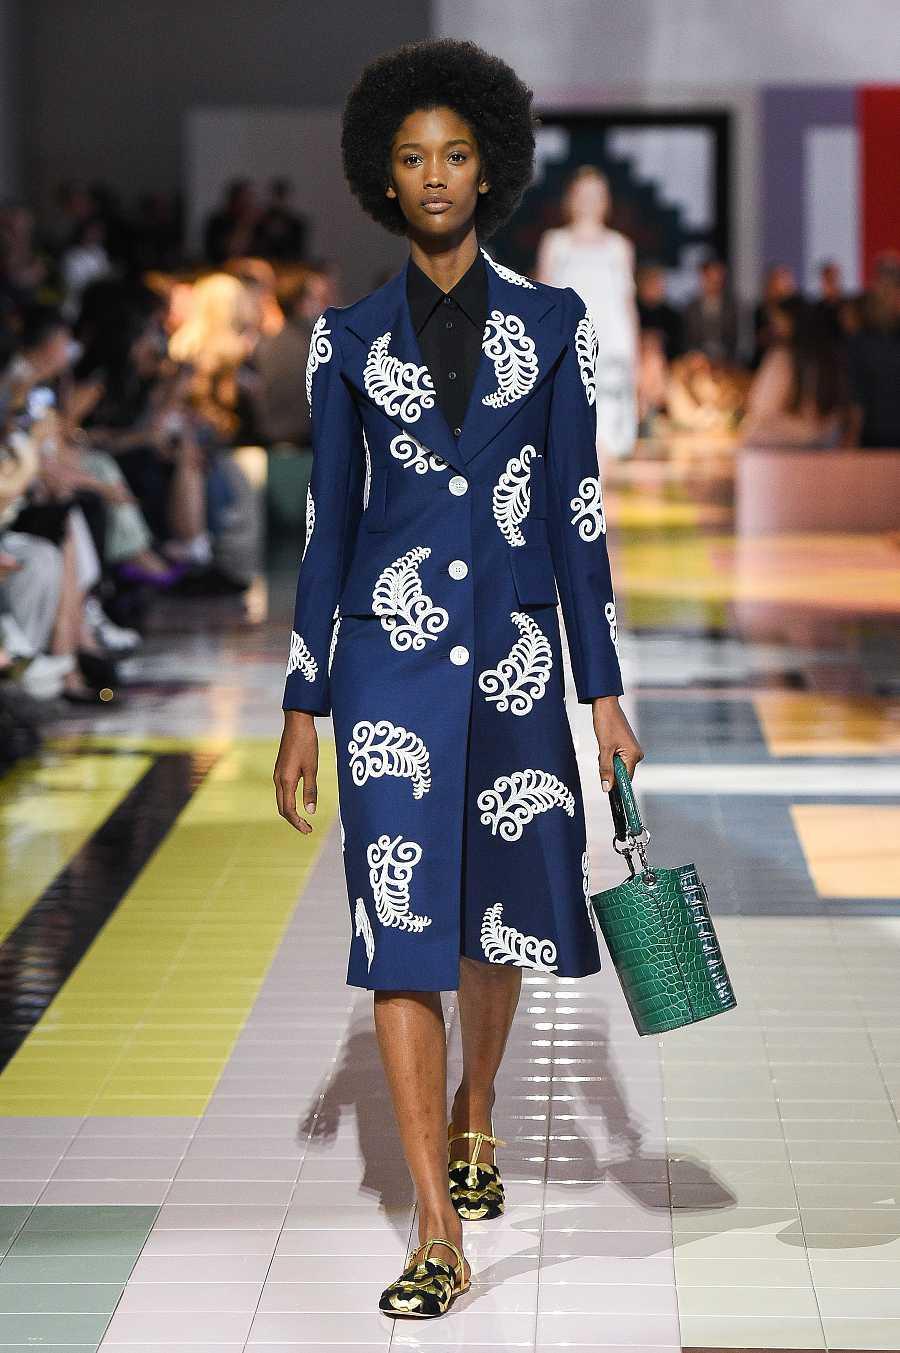 Una modelo luce la versión dorada de la colección de Prada durante la semana de la moda de Milán